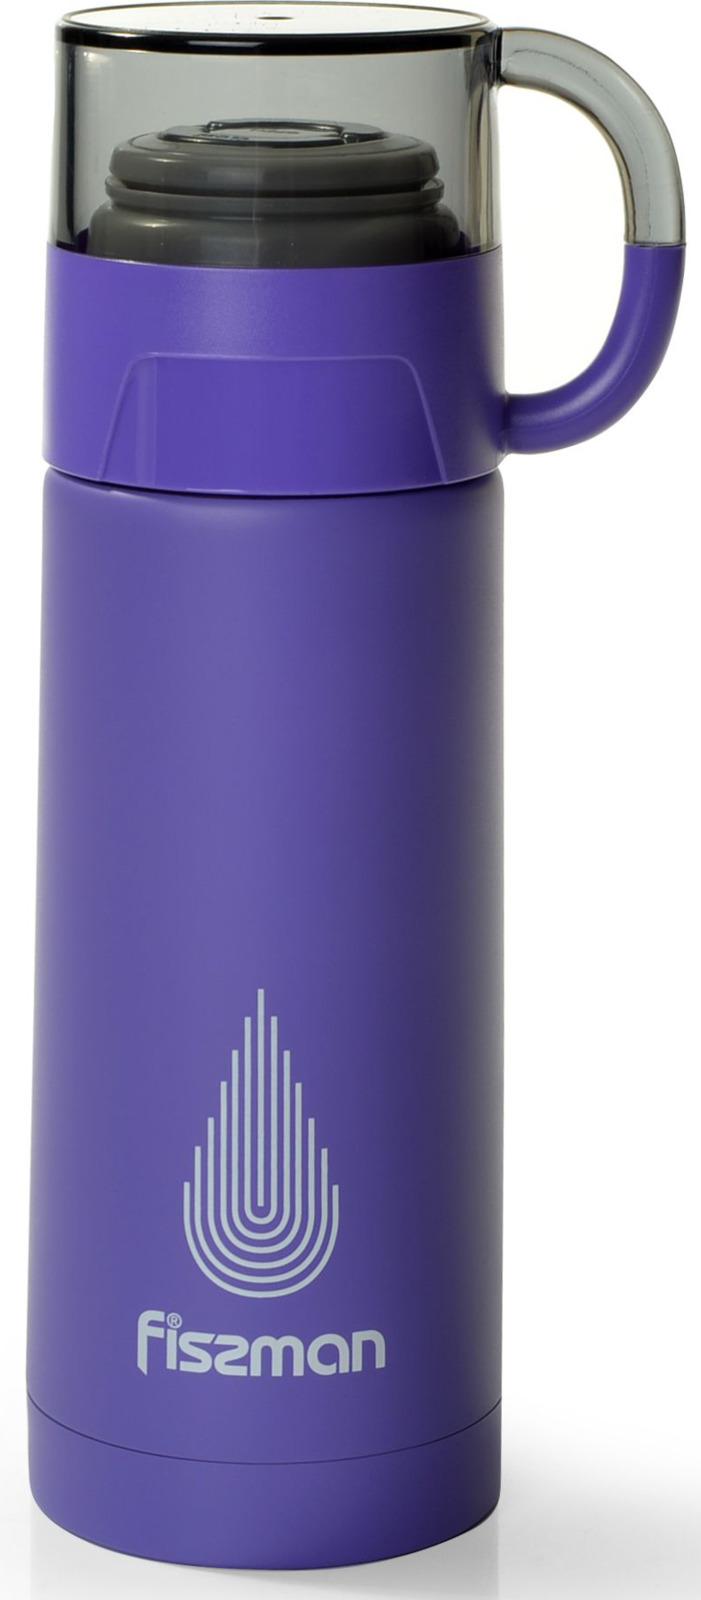 Термос Fissman, 9653, фиолетовый, 350 мл